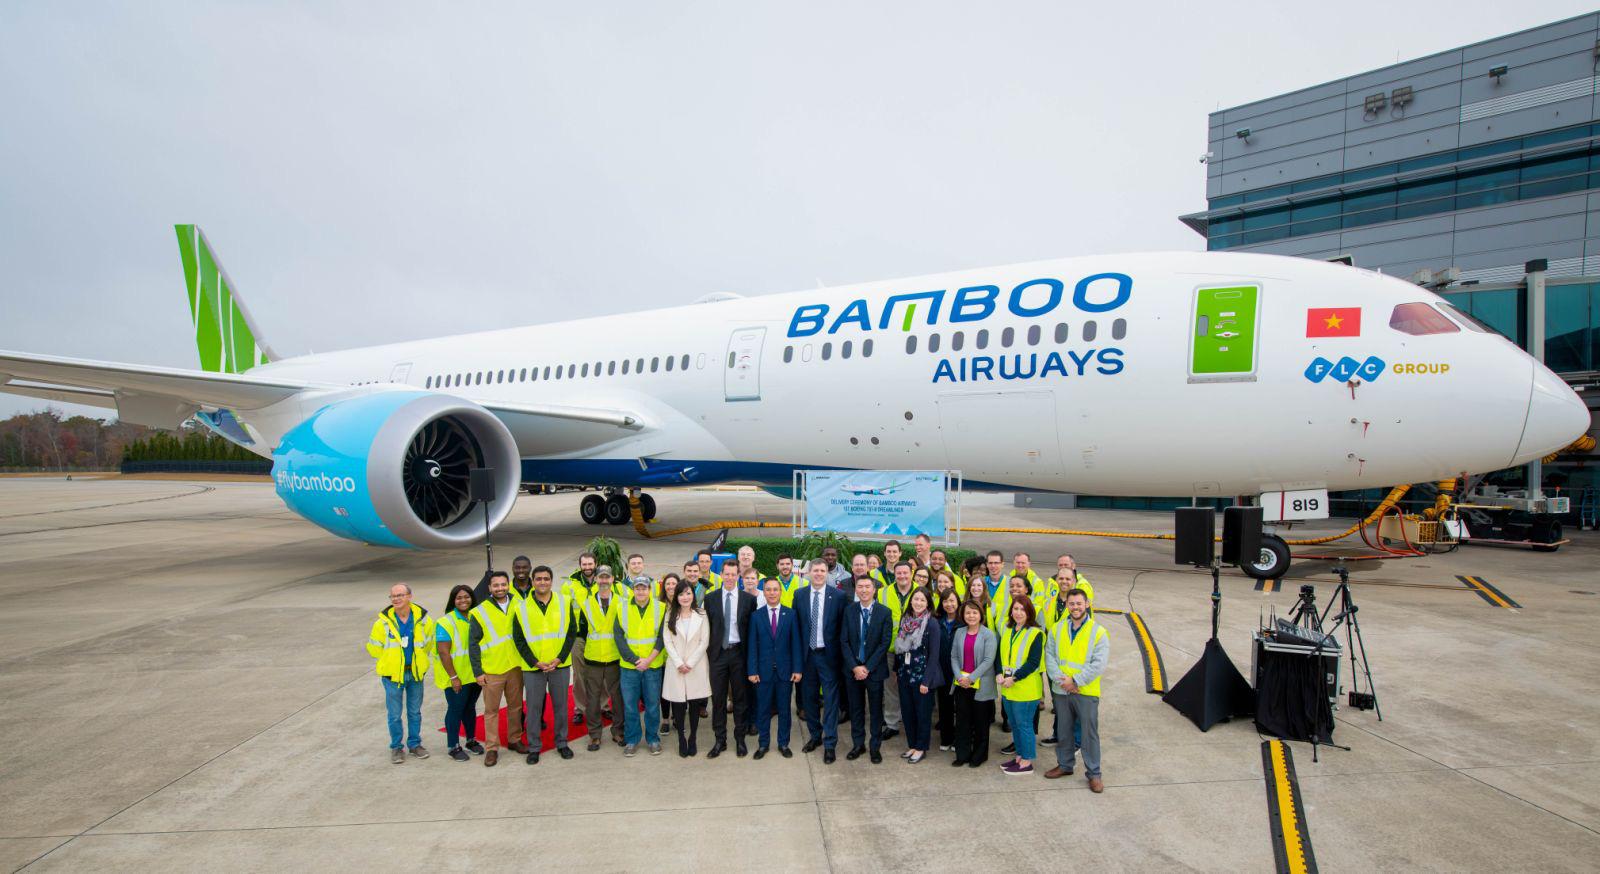 Bamboo Airways bất ngờ hé lộ tên riêng đặt cho máy bay Boeing 787-9 Dreamliner đầu tiên của hãng - Ảnh 1.